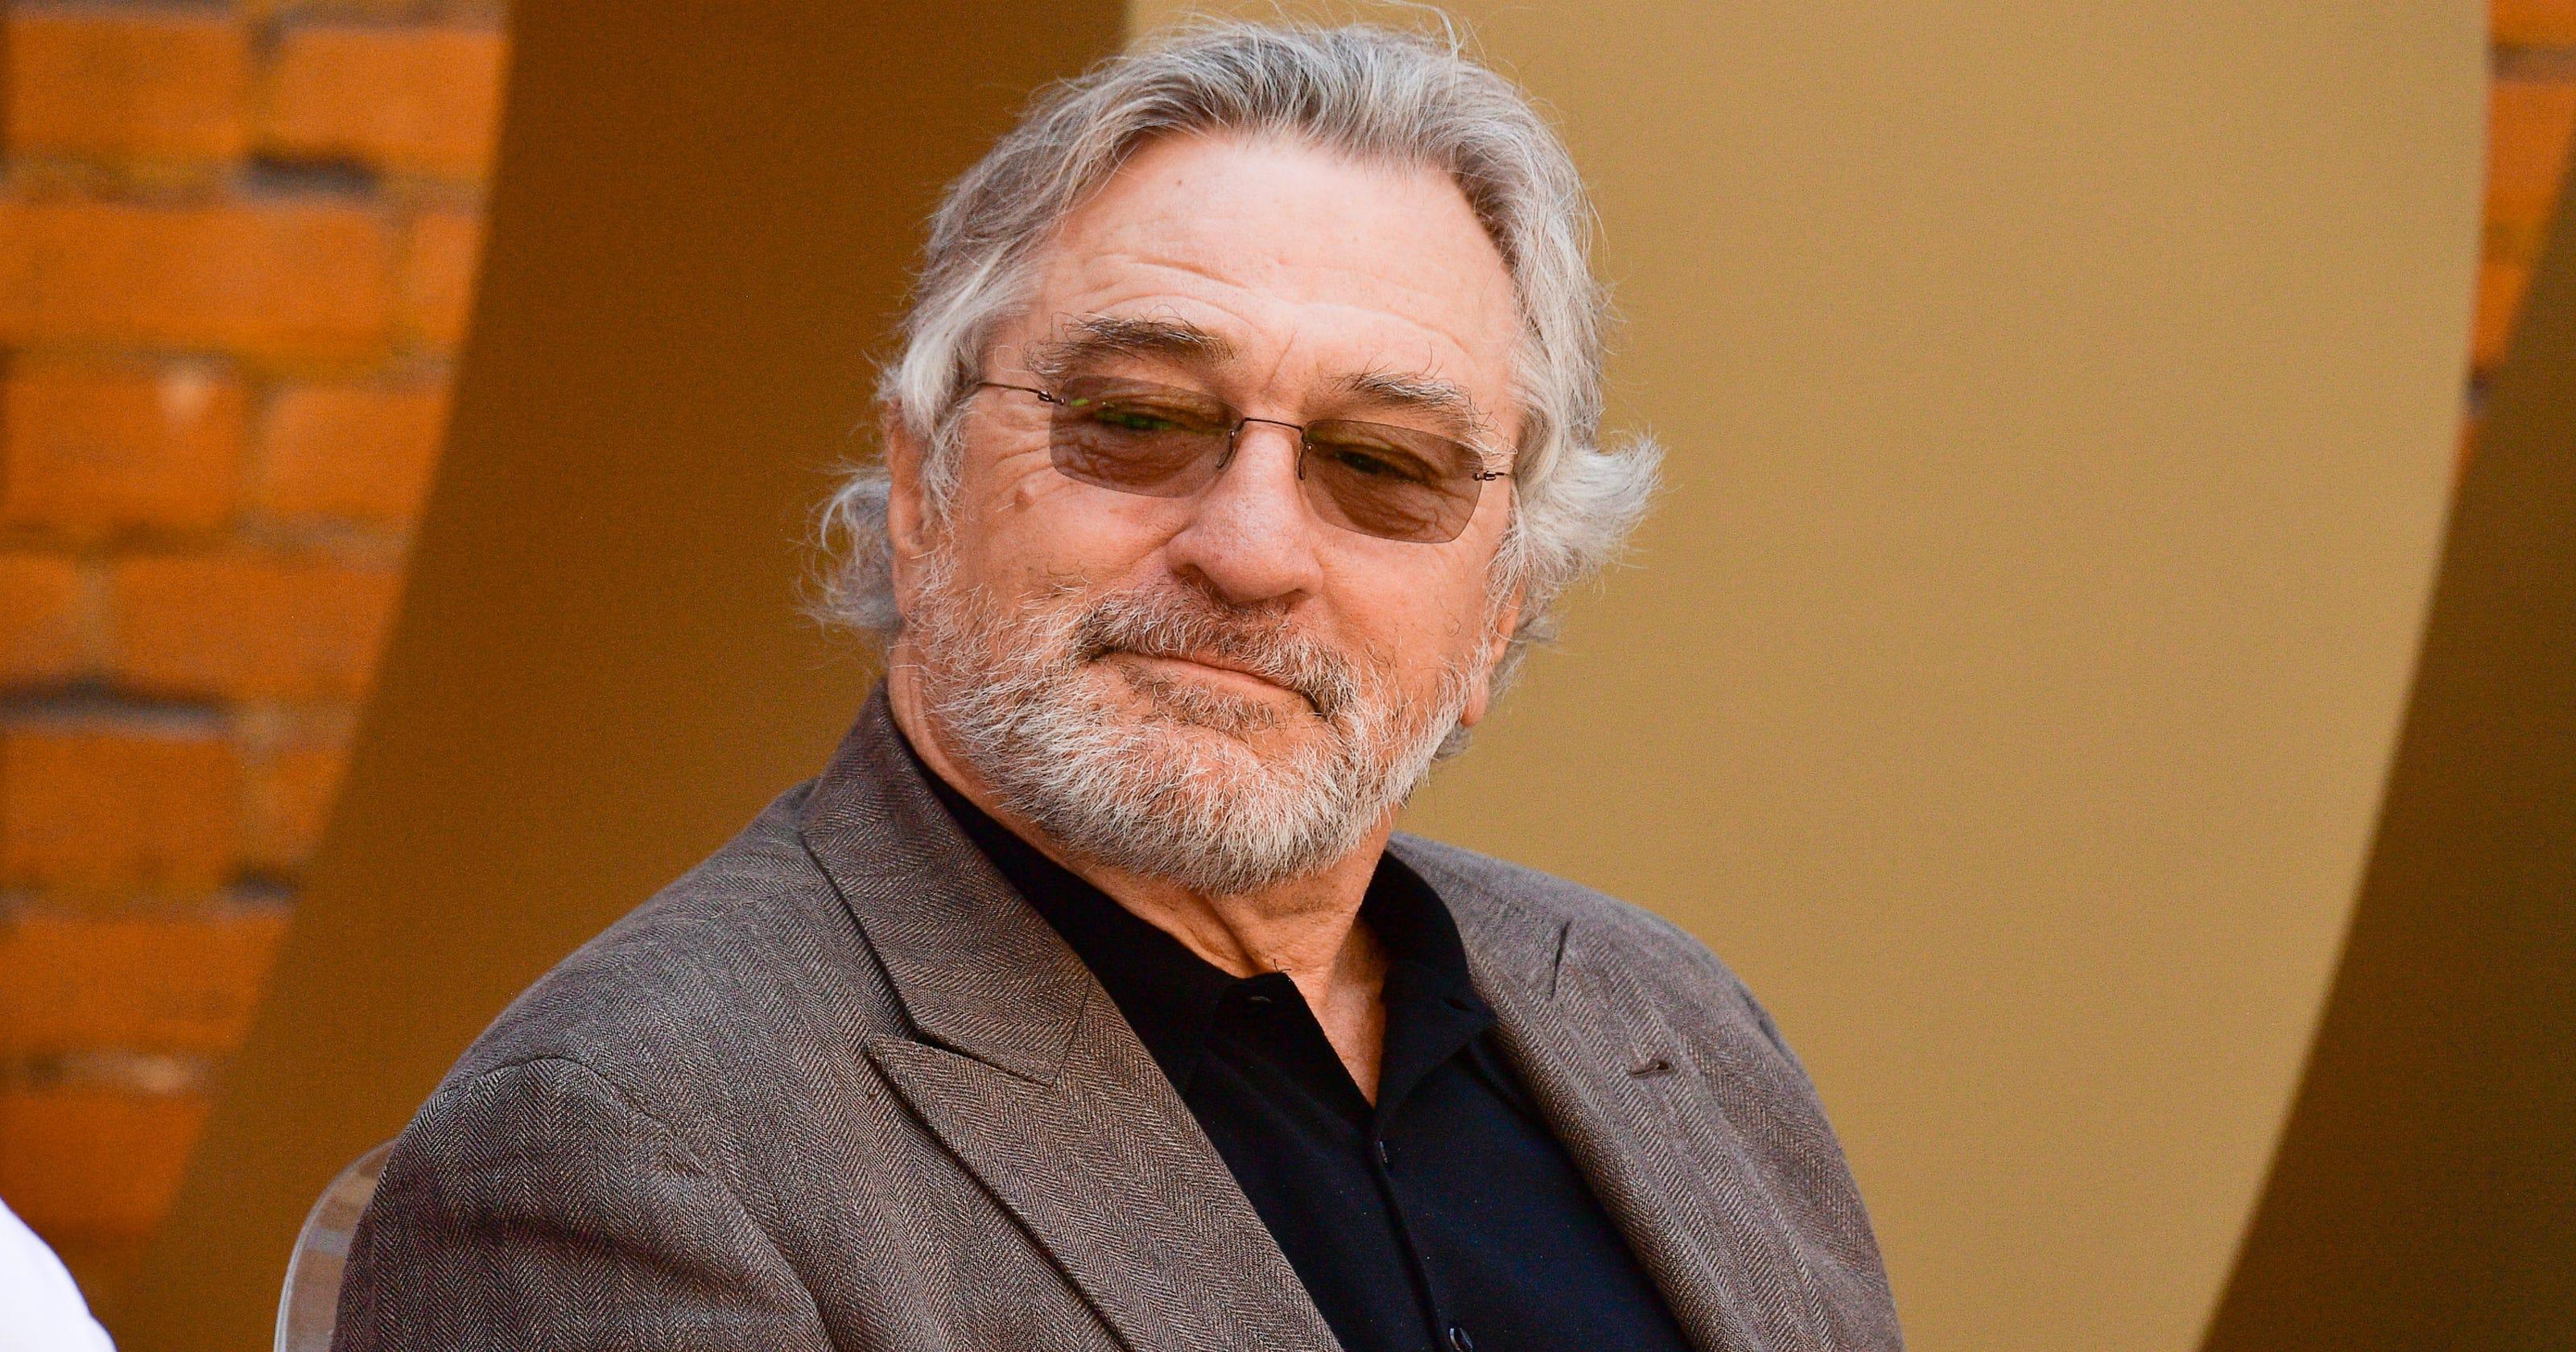 Robert De Niro In Talks To Join Joaquin Phoenx In Joker